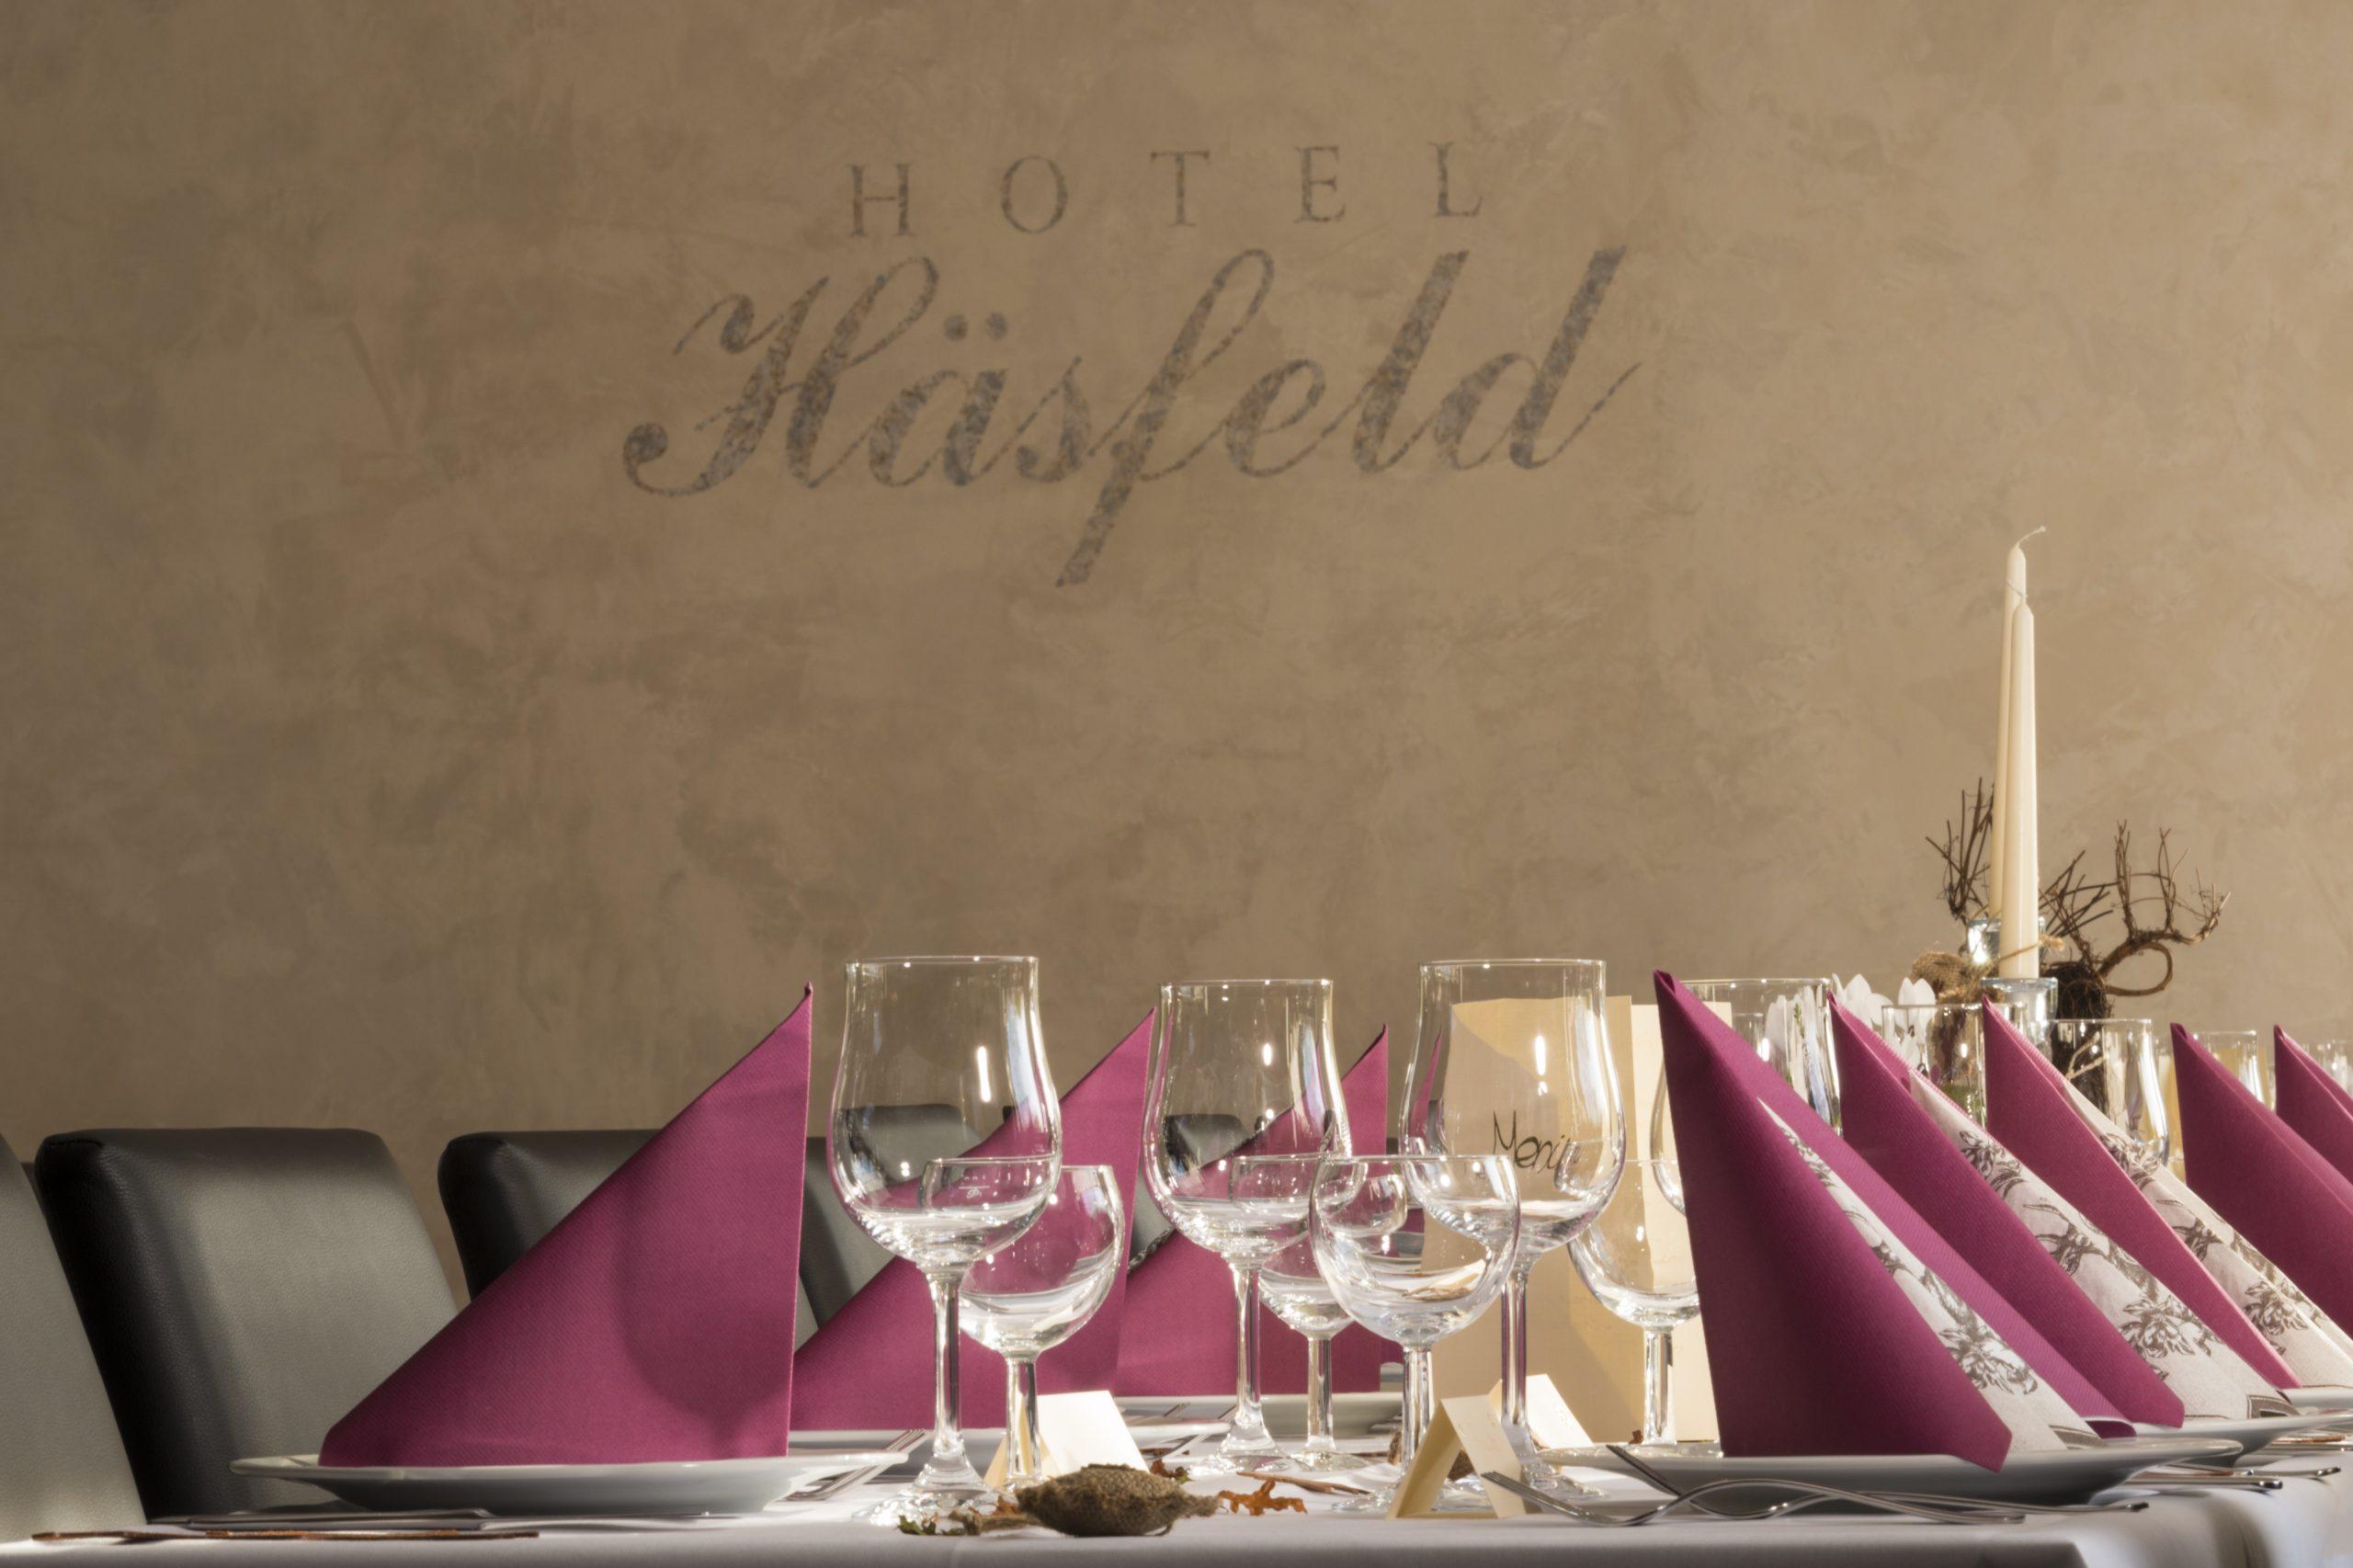 Restaurant Häsfeld